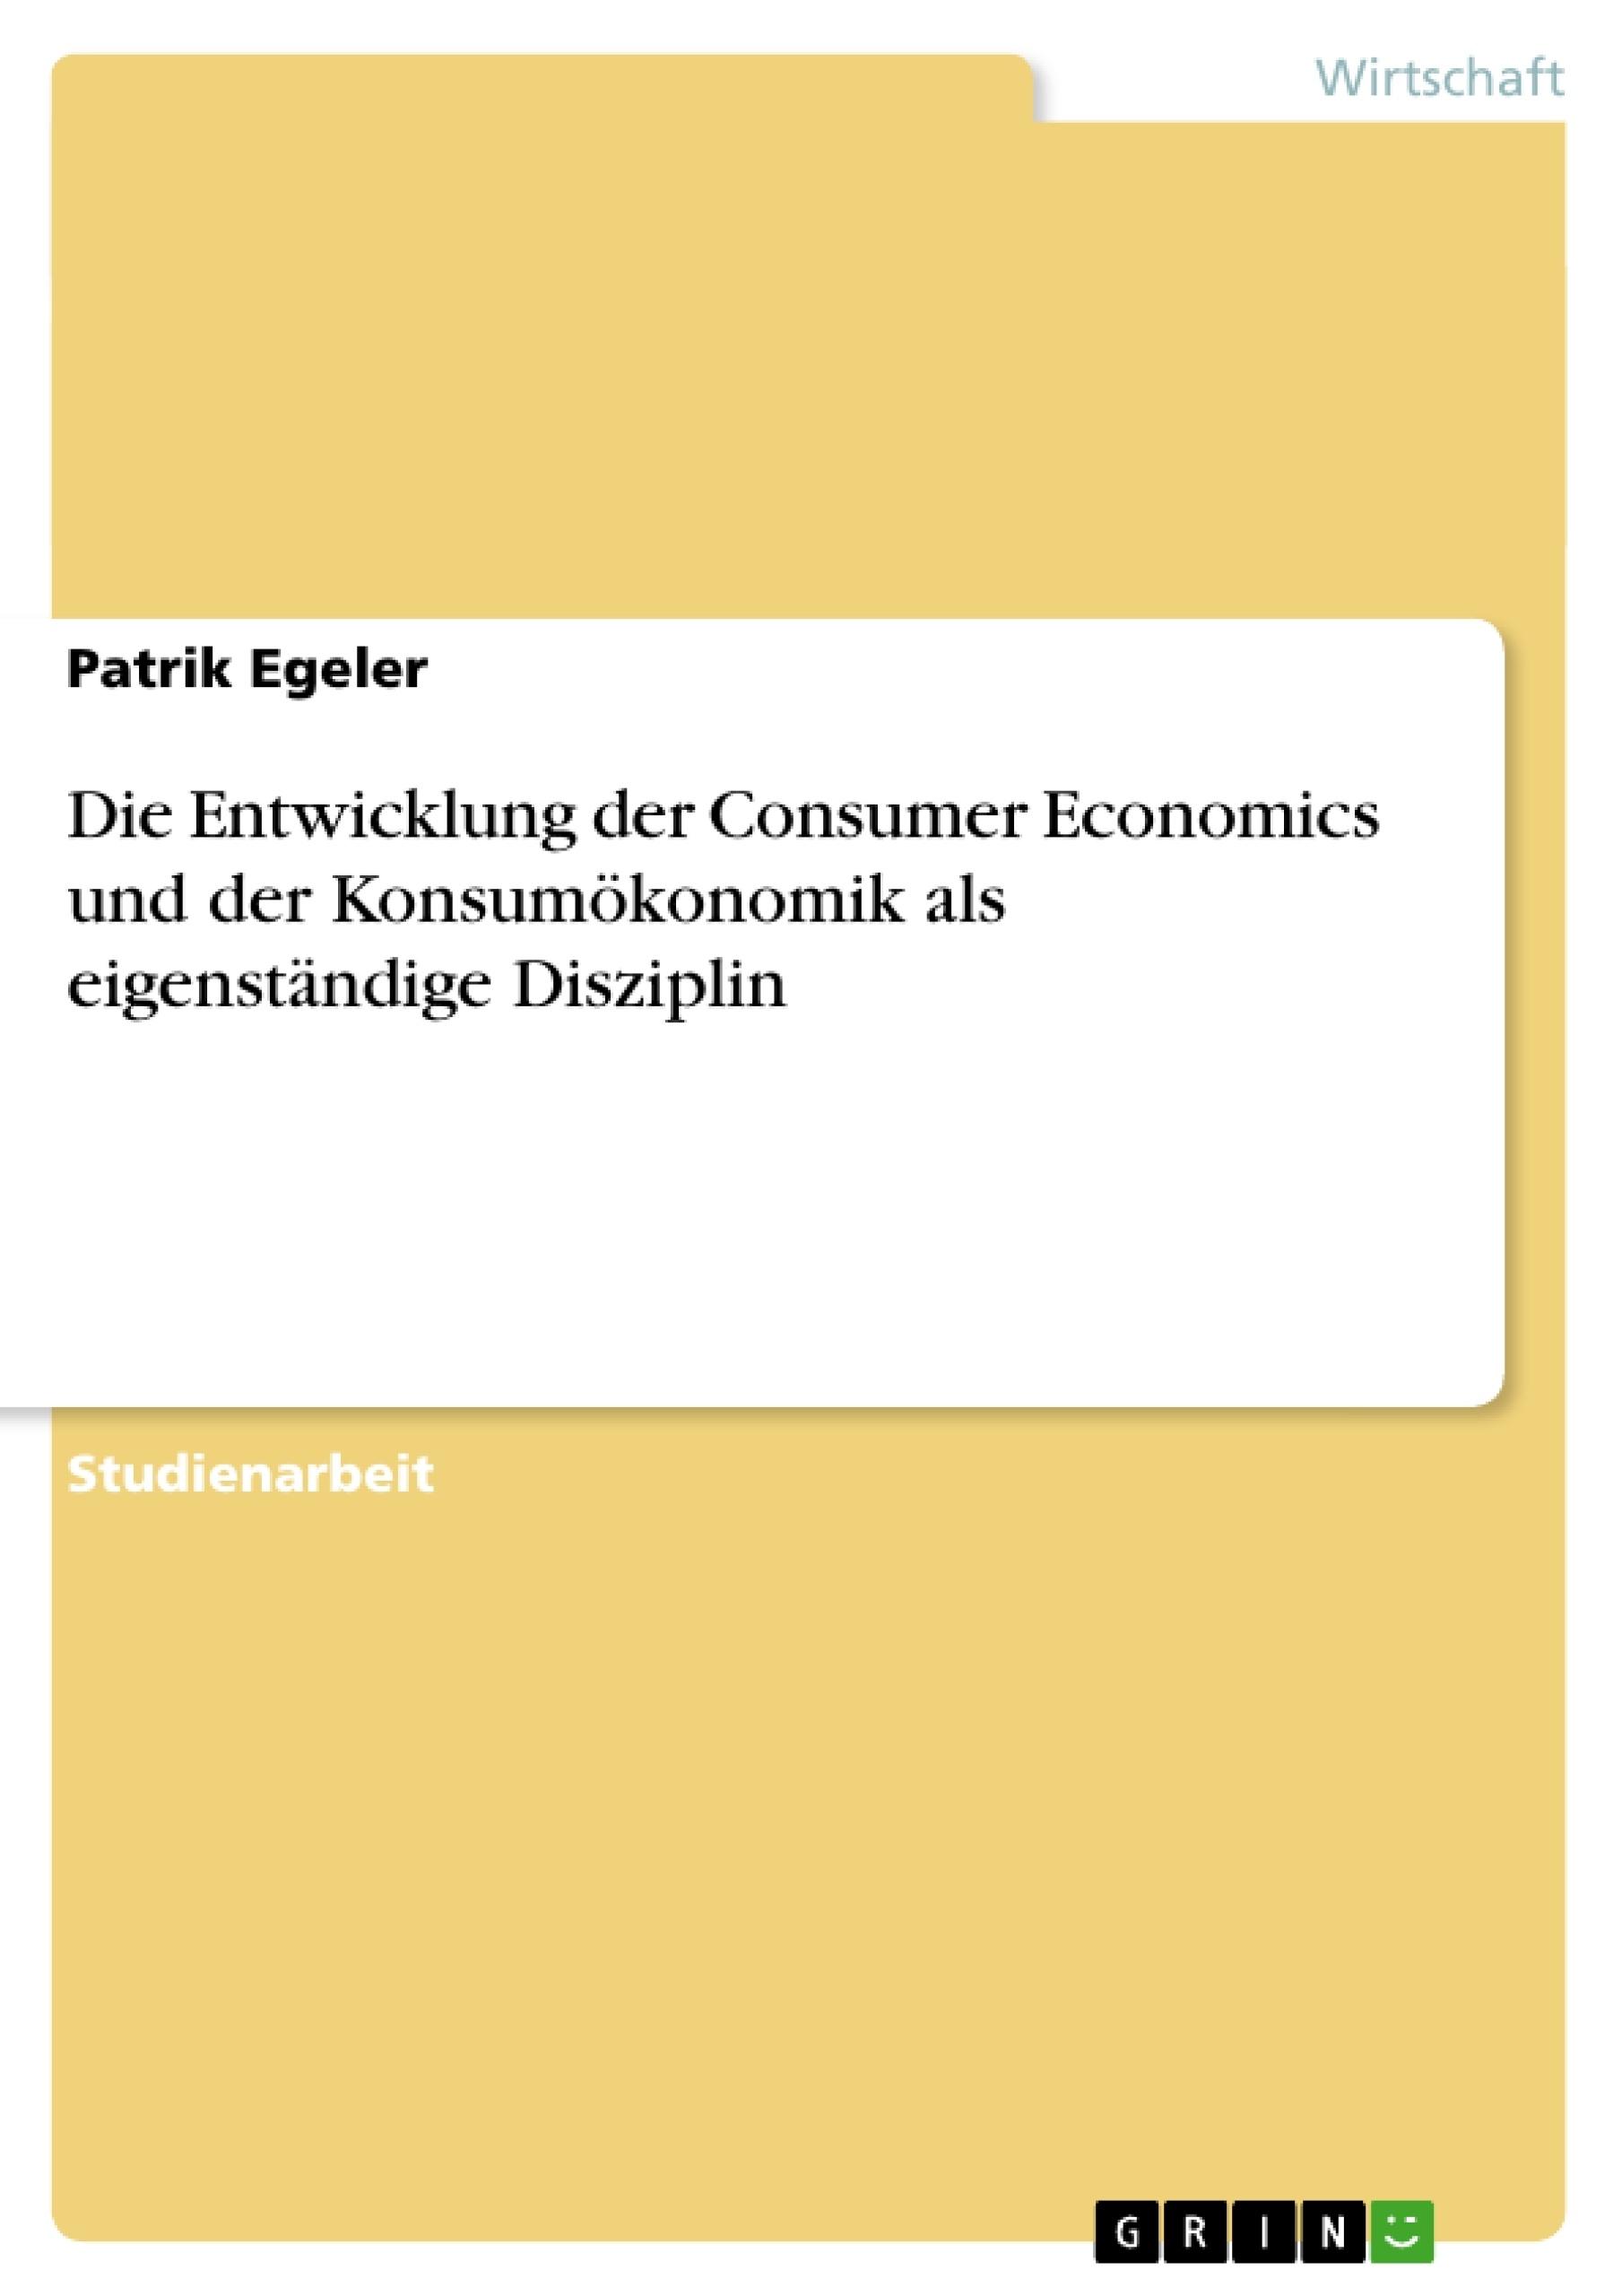 Titel: Die Entwicklung der Consumer Economics und der Konsumökonomik als eigenständige Disziplin